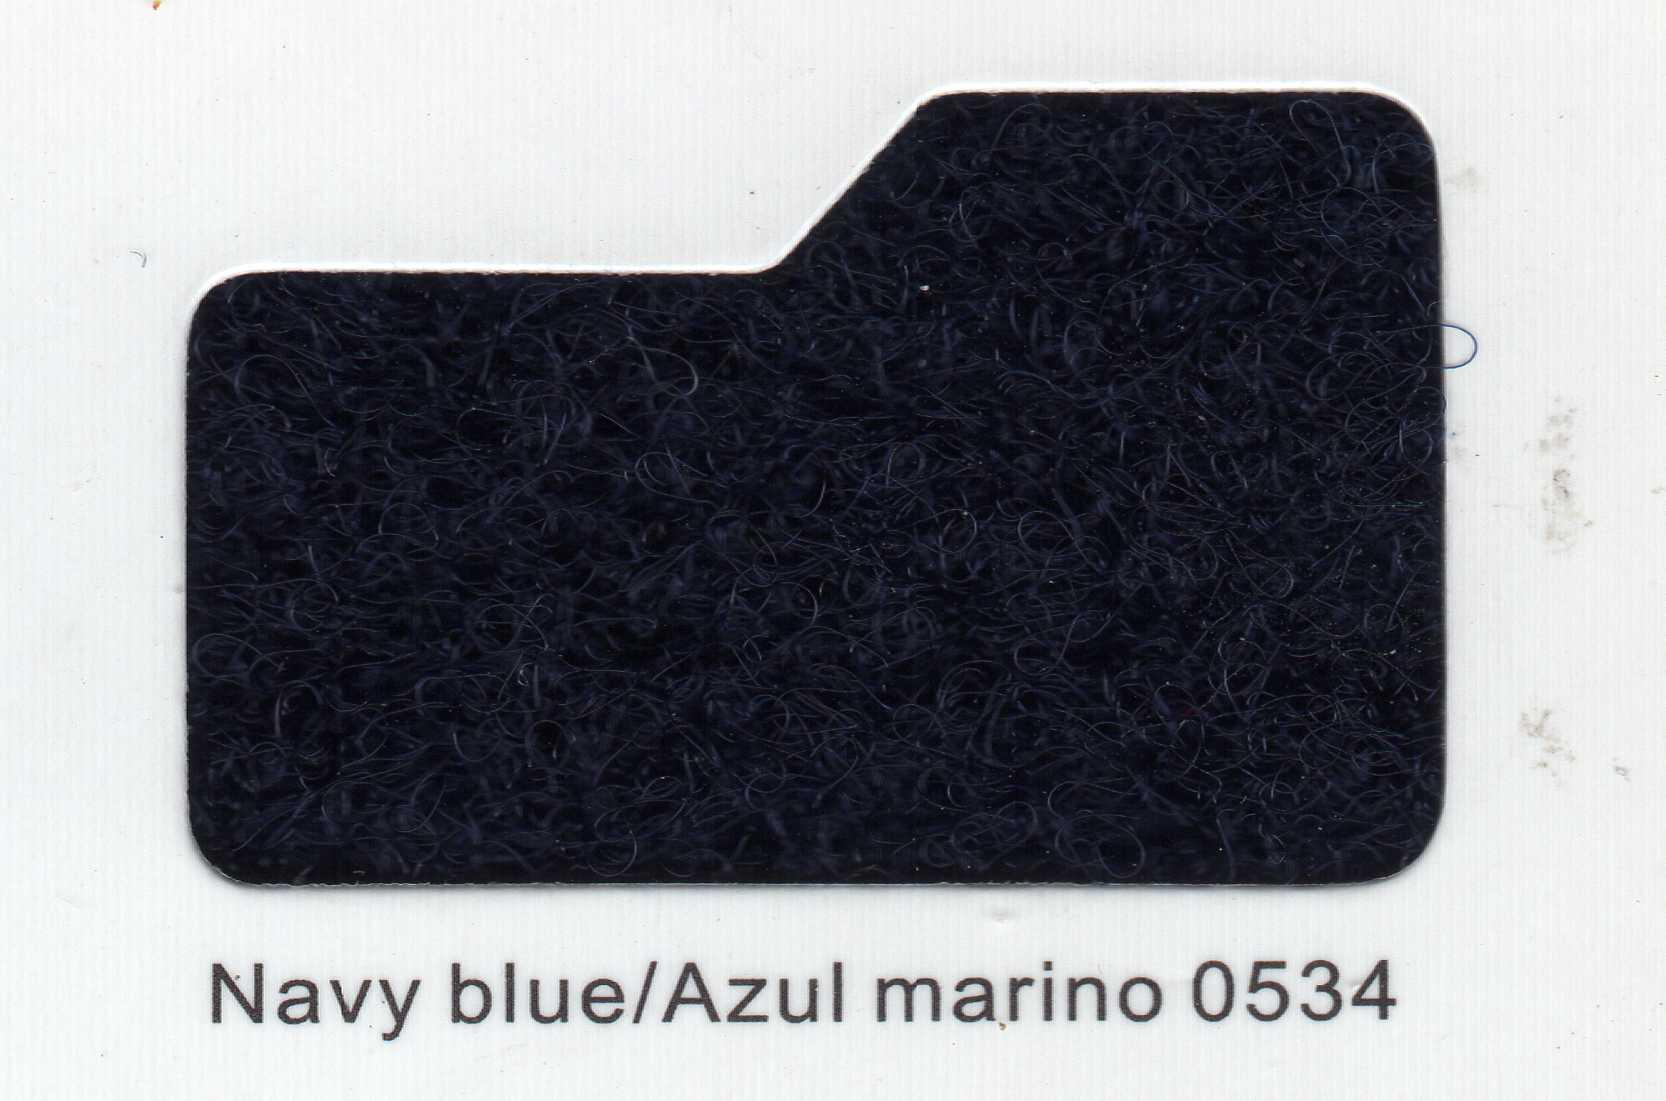 Cinta de cierre Velcro-Veraco 50mm Azul Marino 0534 (Gancho).